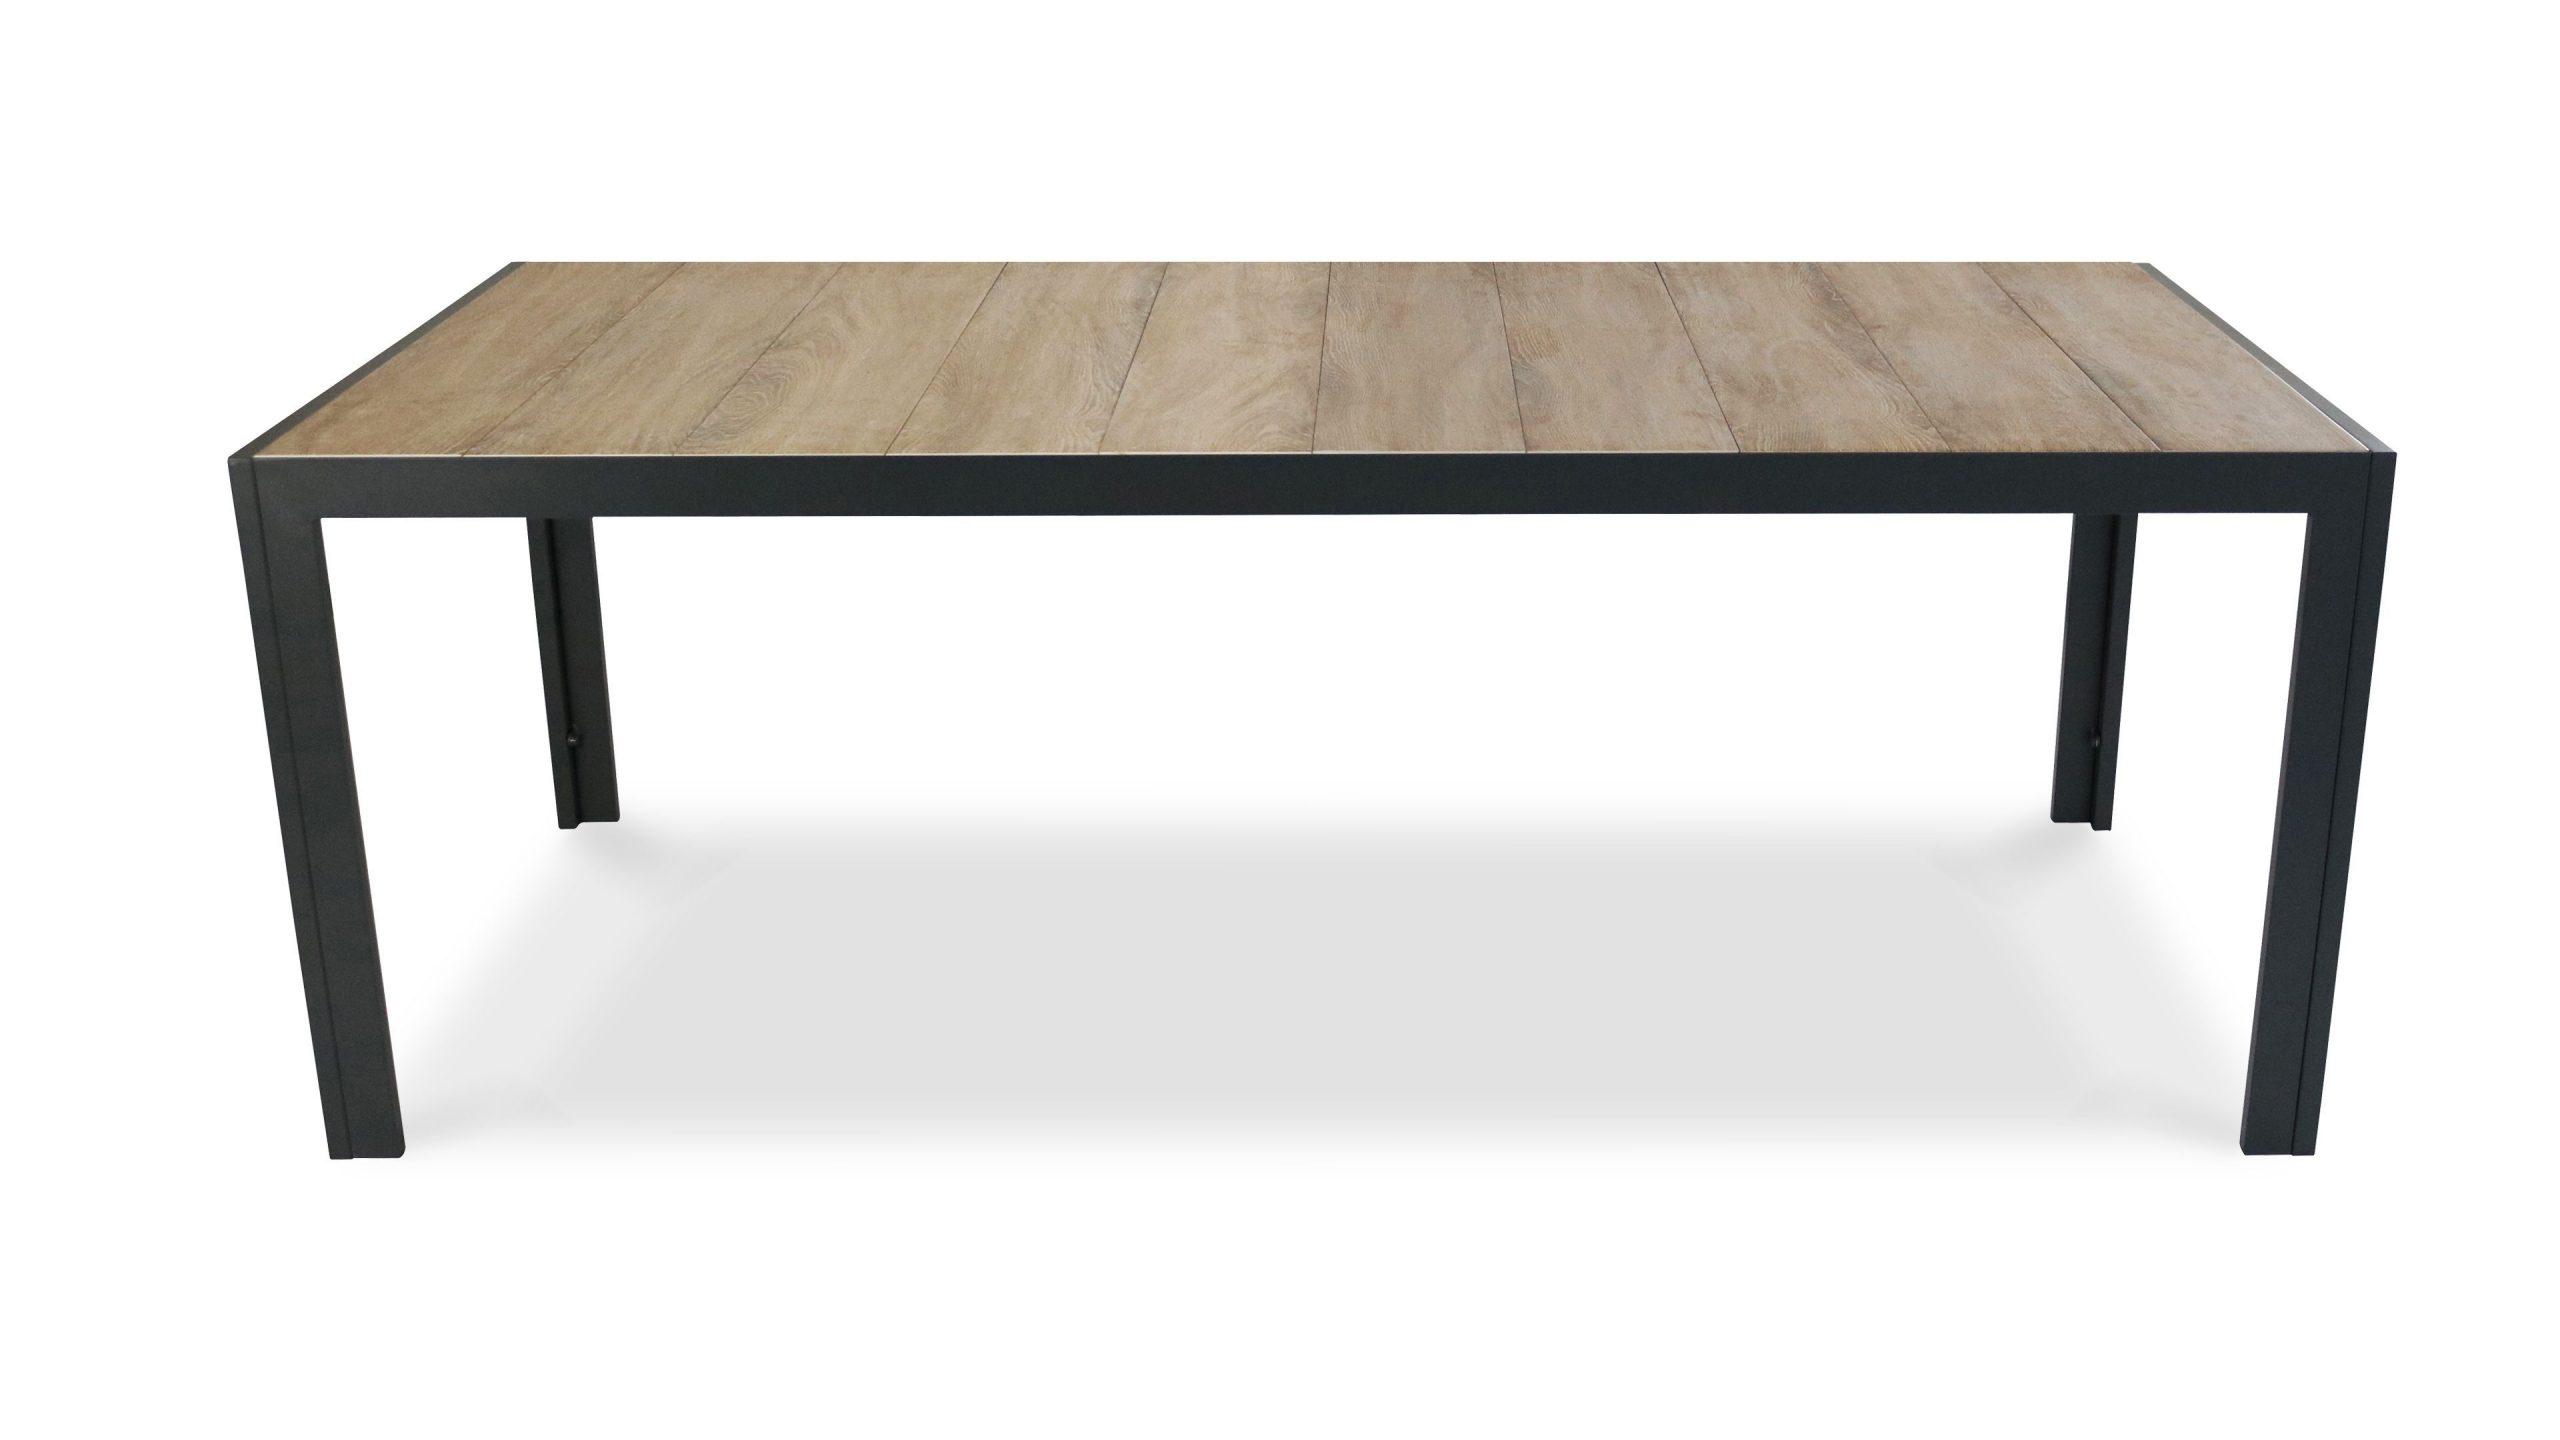 Table De Jardin Aluminium Et Céramique | Table De Jardin ... intérieur Table Jardin Ceramique